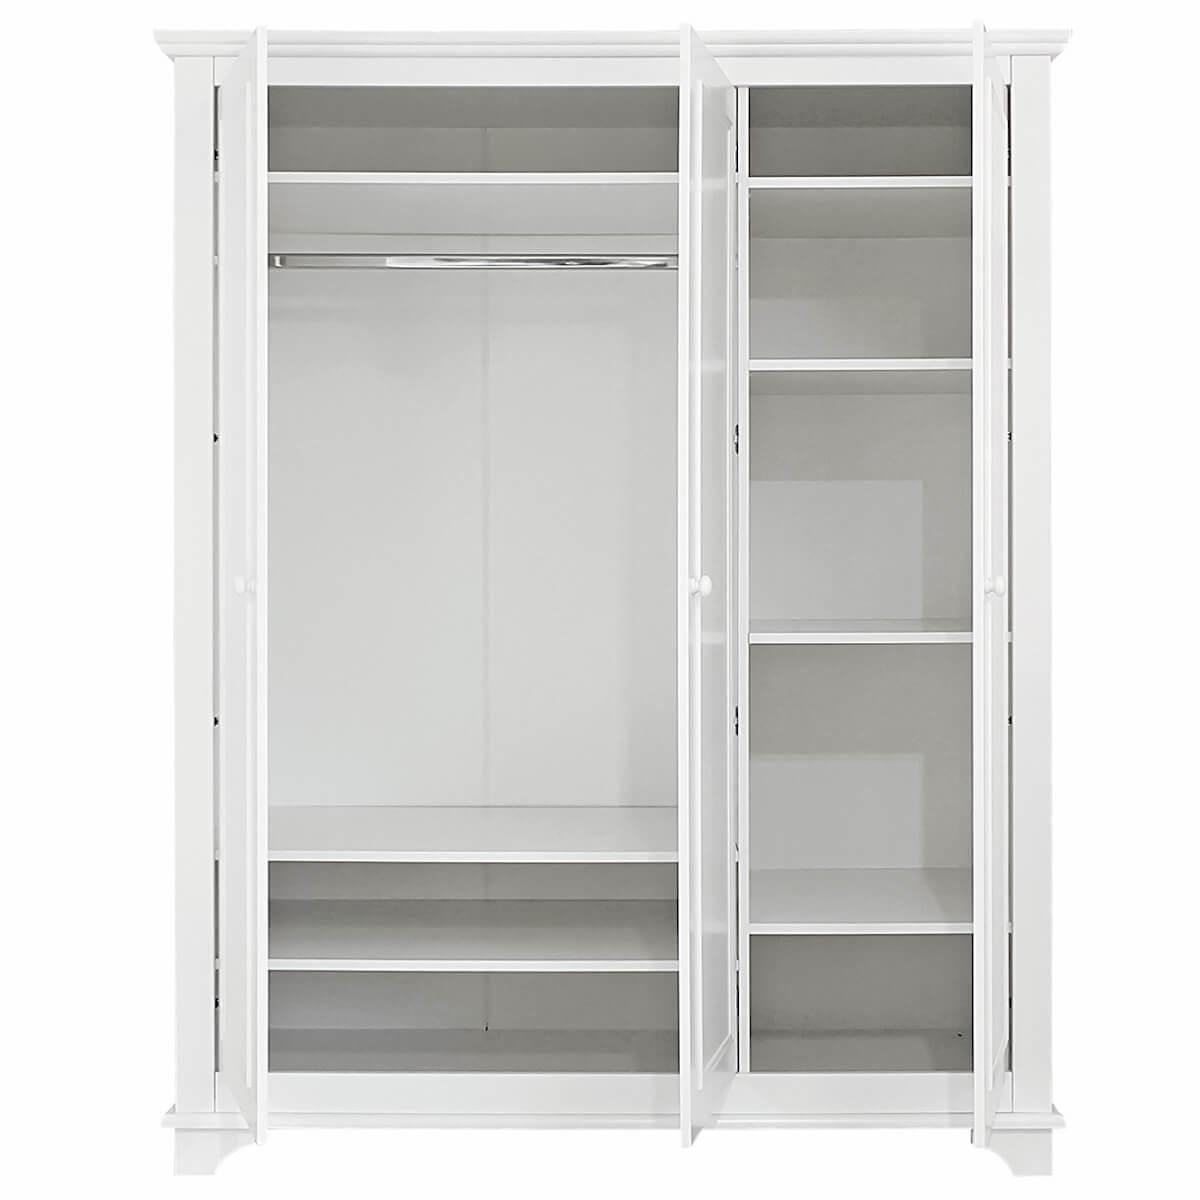 Armoire 3 portes CHARLOTTE Bopita blanc